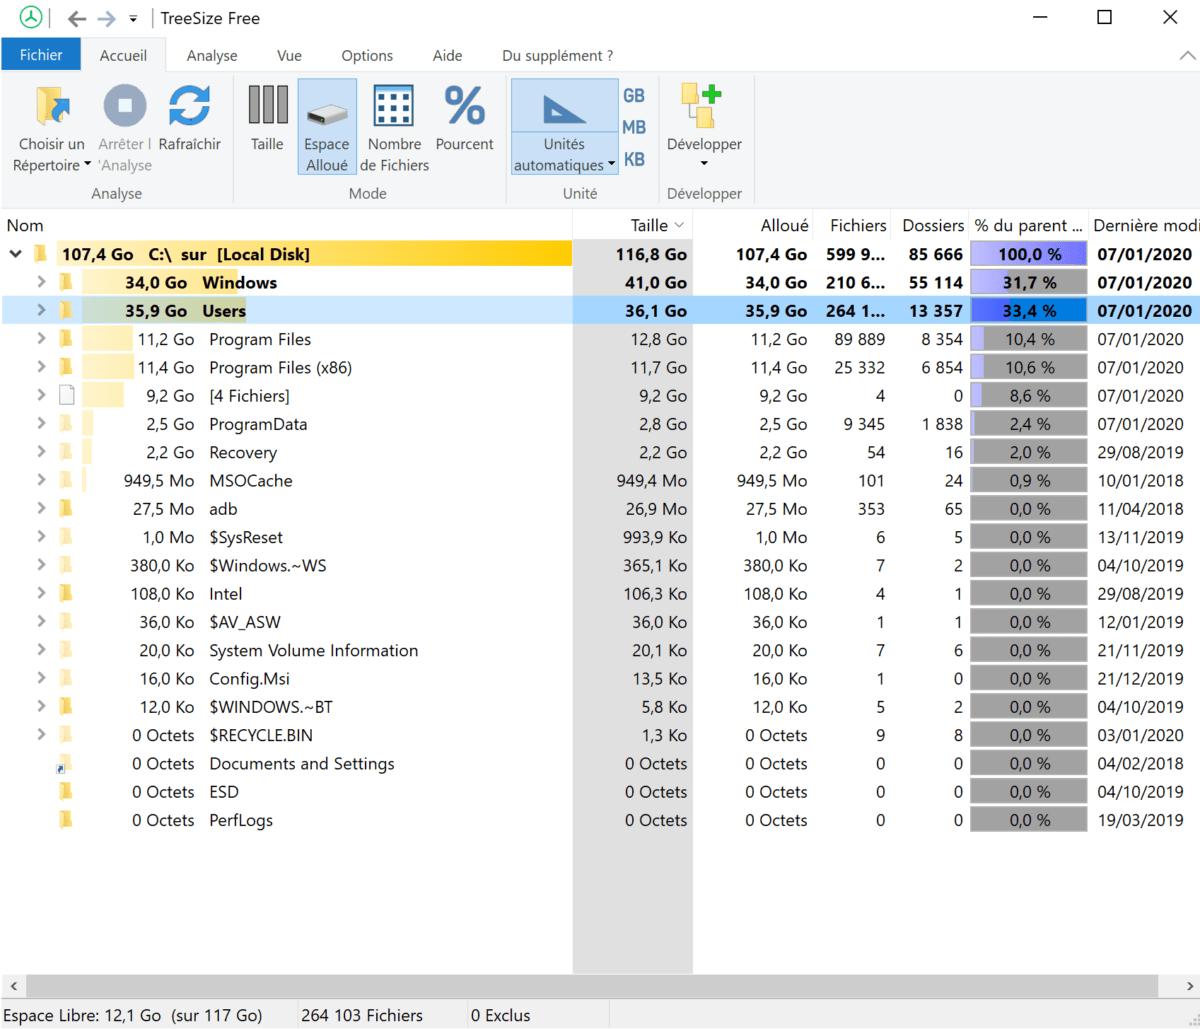 L'interface de TreeSize trie tous les dossiers de votre disque dur par taille